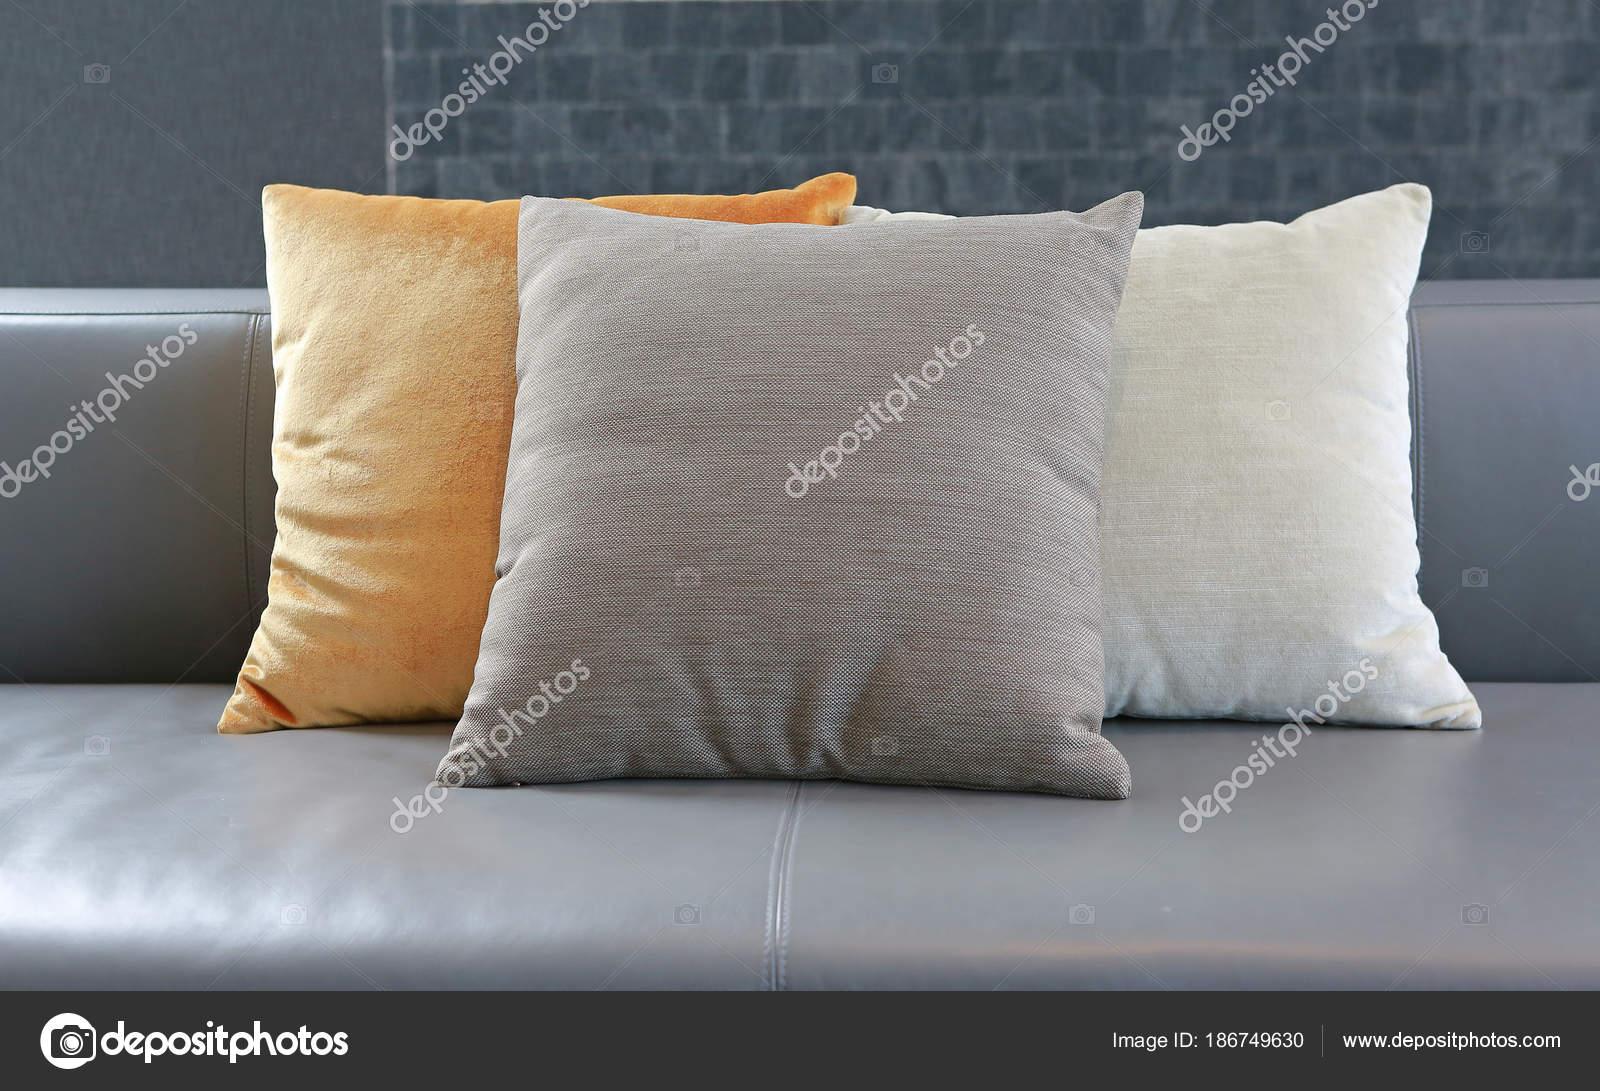 Stoffen Voor Kussens : Stoffen kussens bank van het leer u2014 stockfoto © civic dm@hotmail.com